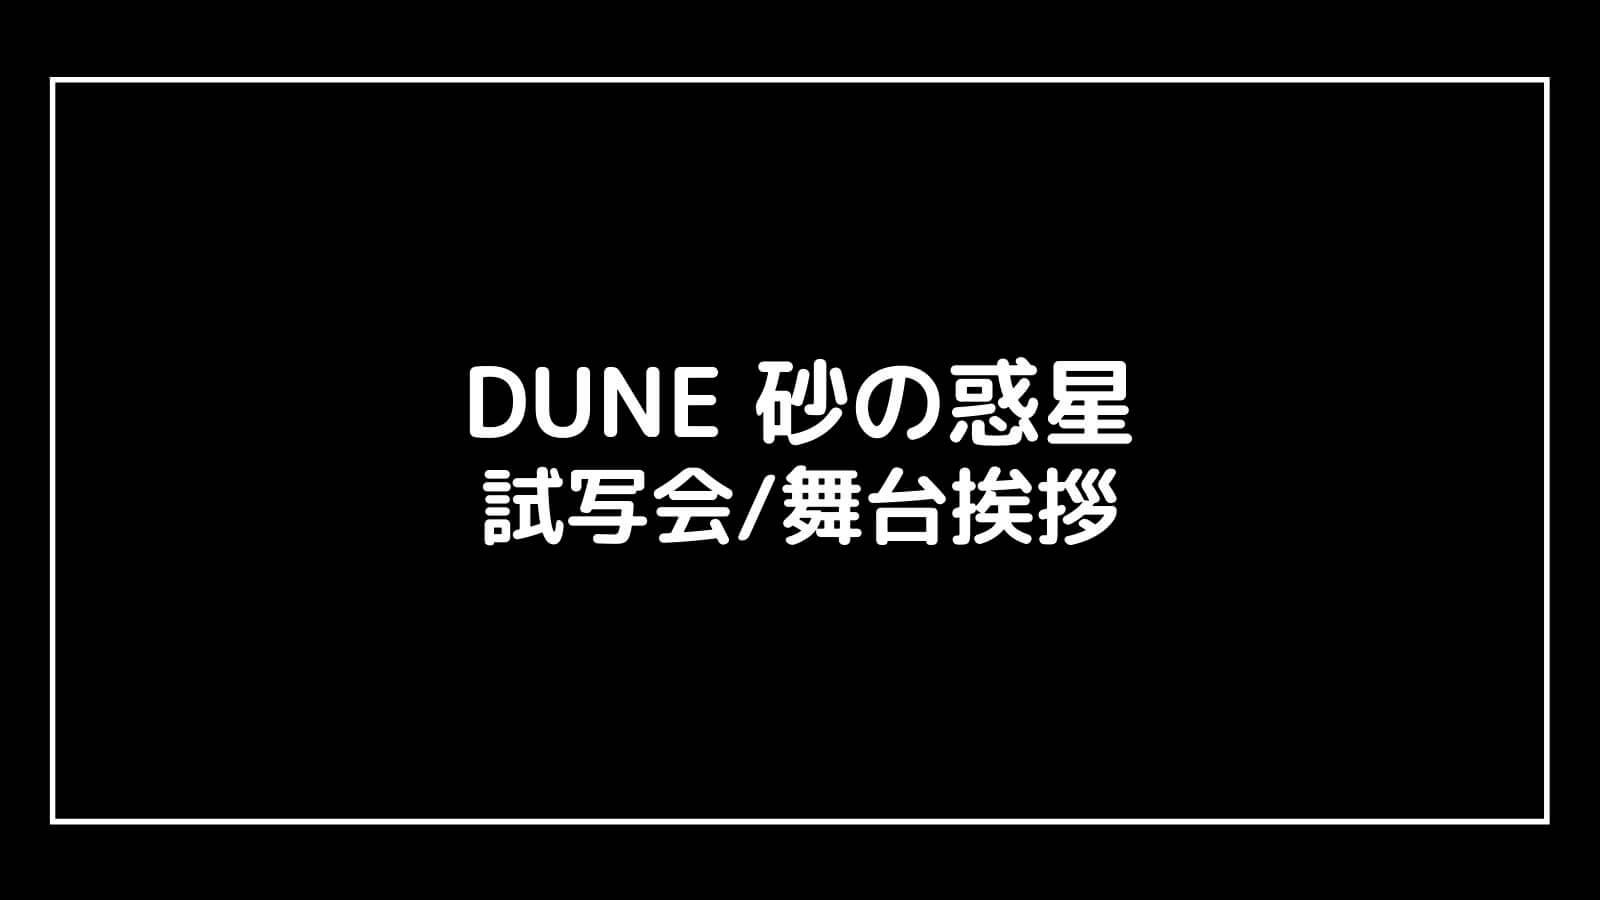 映画『DUNE 砂の惑星』の試写会と舞台挨拶ライブビューイング情報